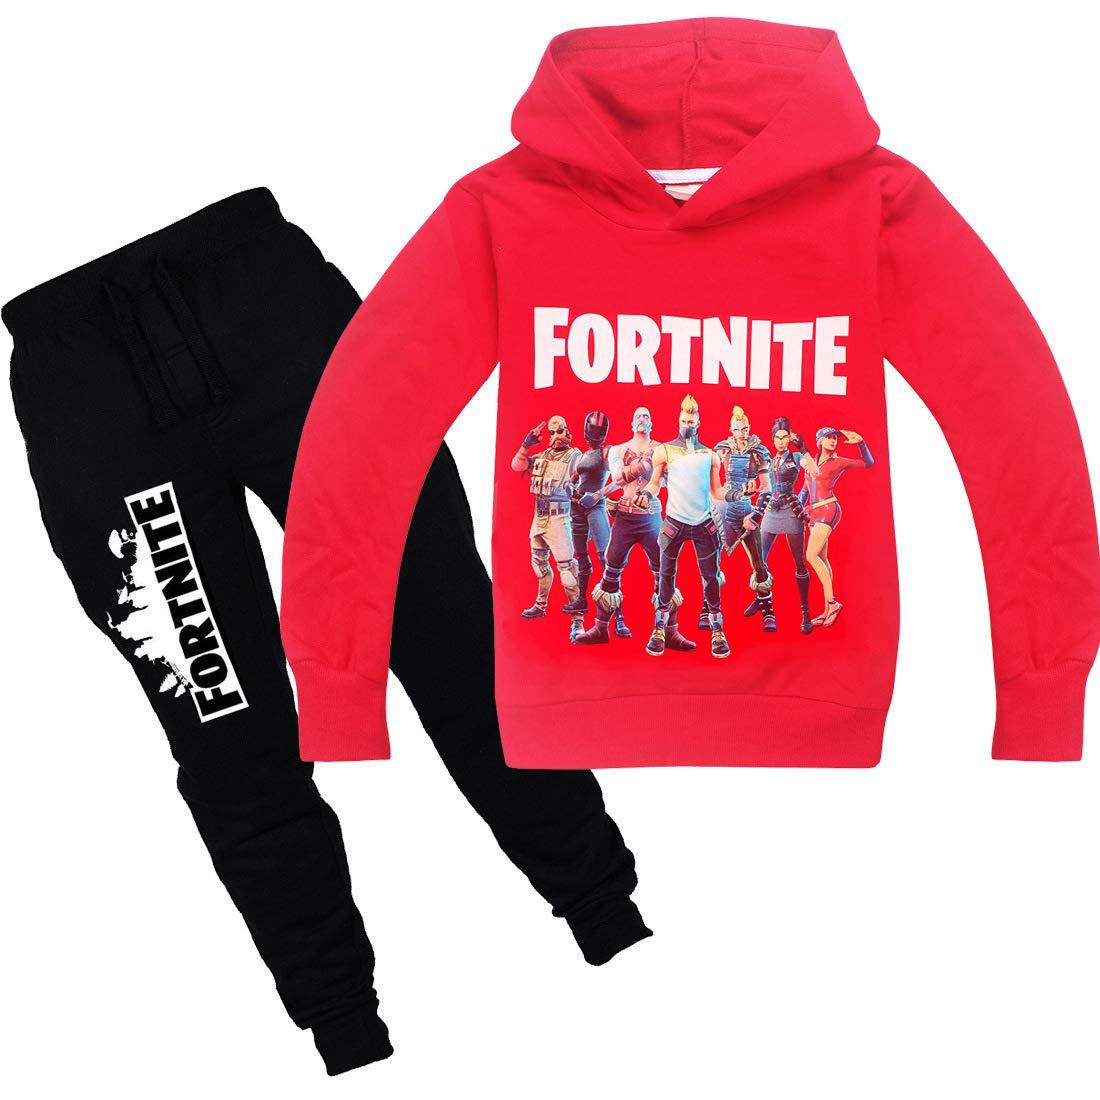 Wazonton Fortnite Games Hoodies Set with Long Pants Boys Girls Unisex Sweatshirt